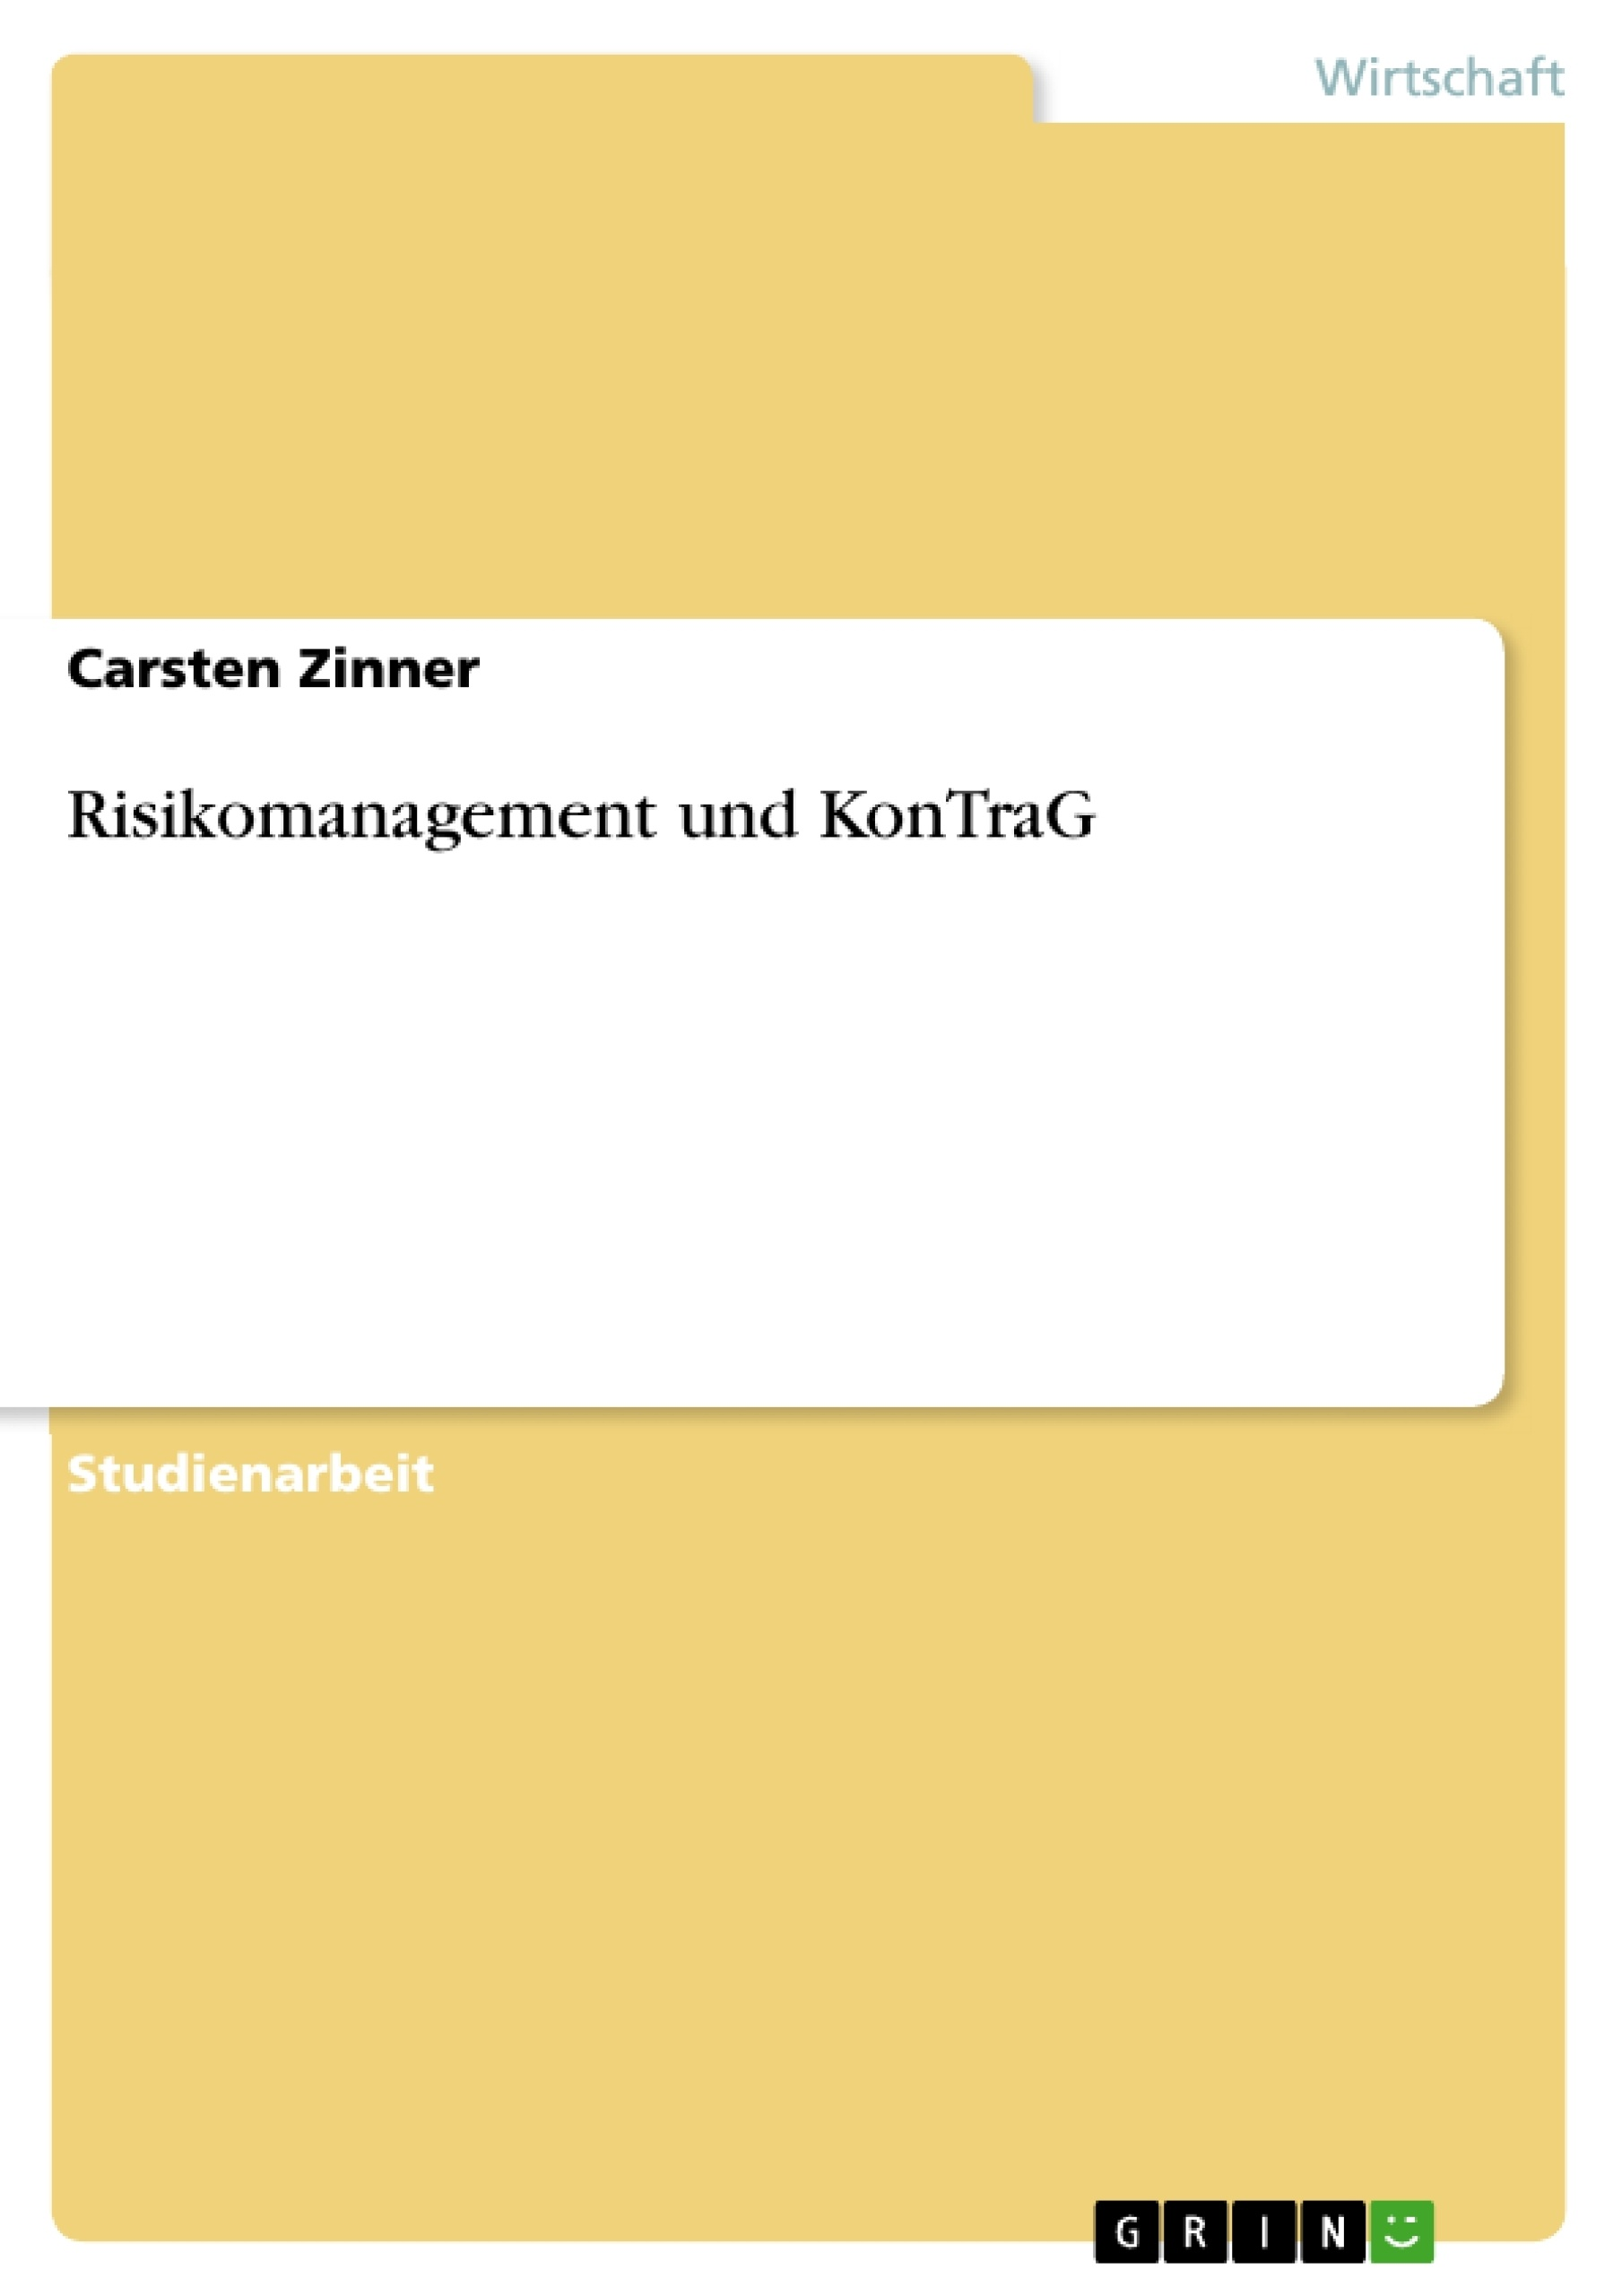 Titel: Risikomanagement und KonTraG